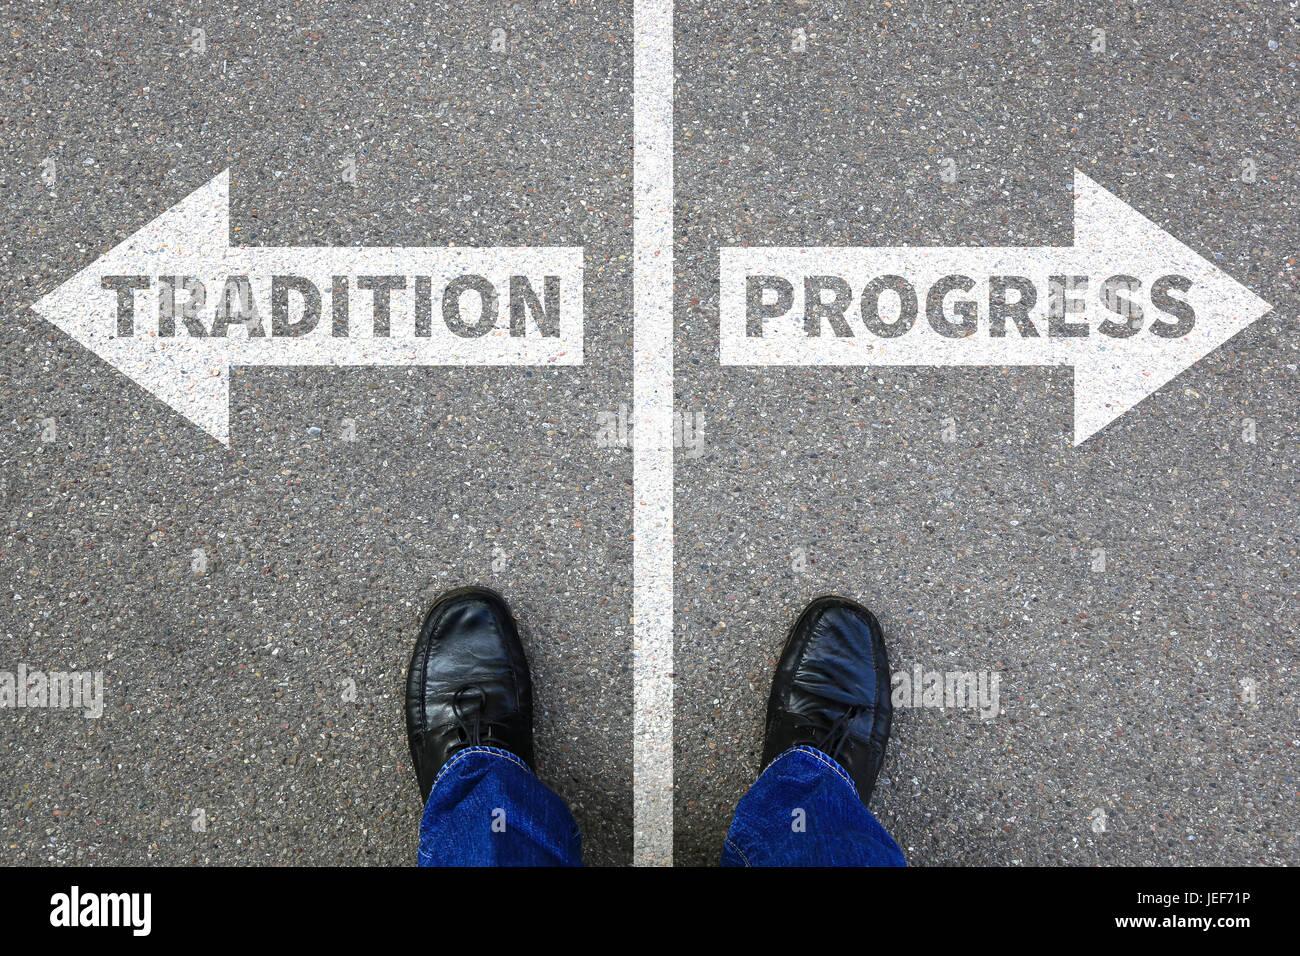 La tradición los progresos futuros análisis de evaluación de la gestión de los negocios de la Imagen De Stock